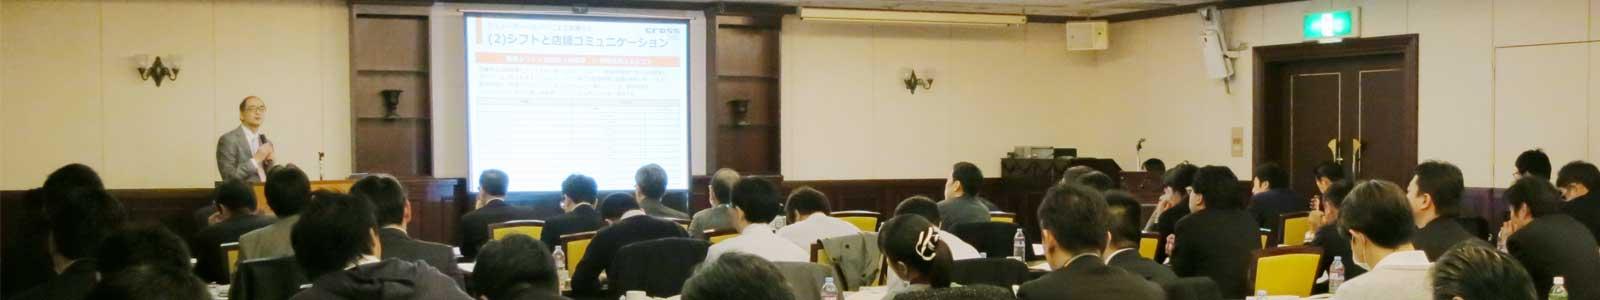 「2016年度 家電量販業界セミナー 」開催のお知らせ